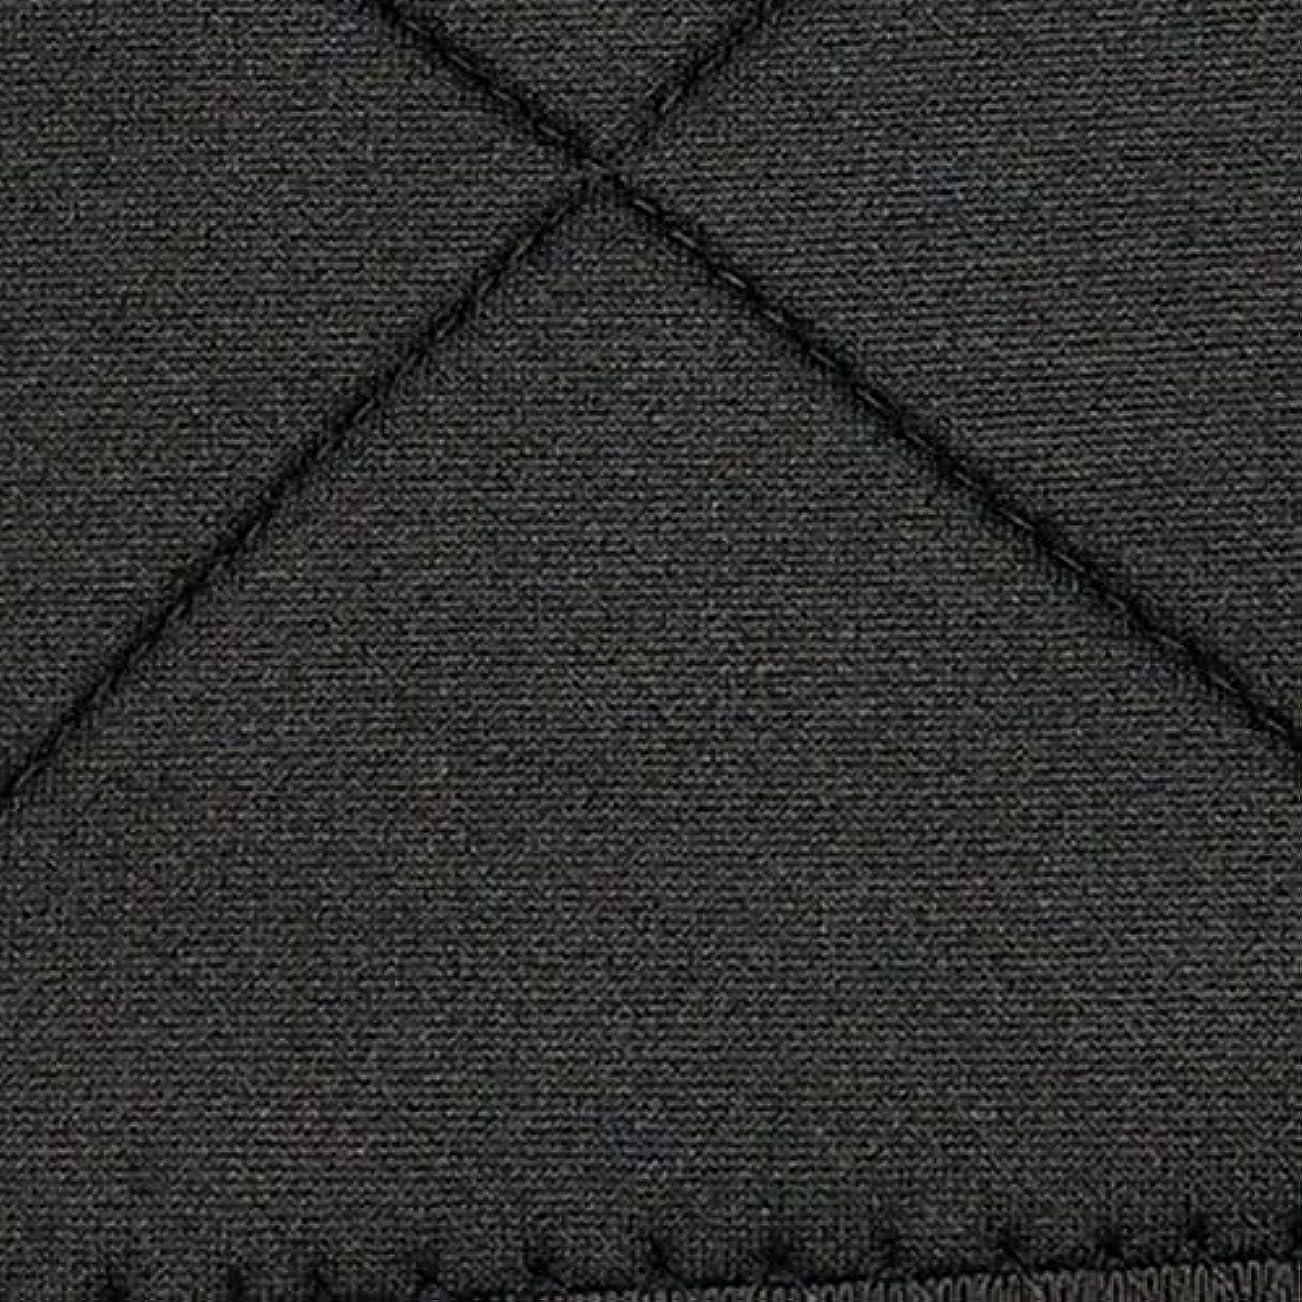 美徳急流淡いネオプレン姿勢矯正ショルダーバックサポート姿勢弯症バンド整形バックコルセットブレース(黒)